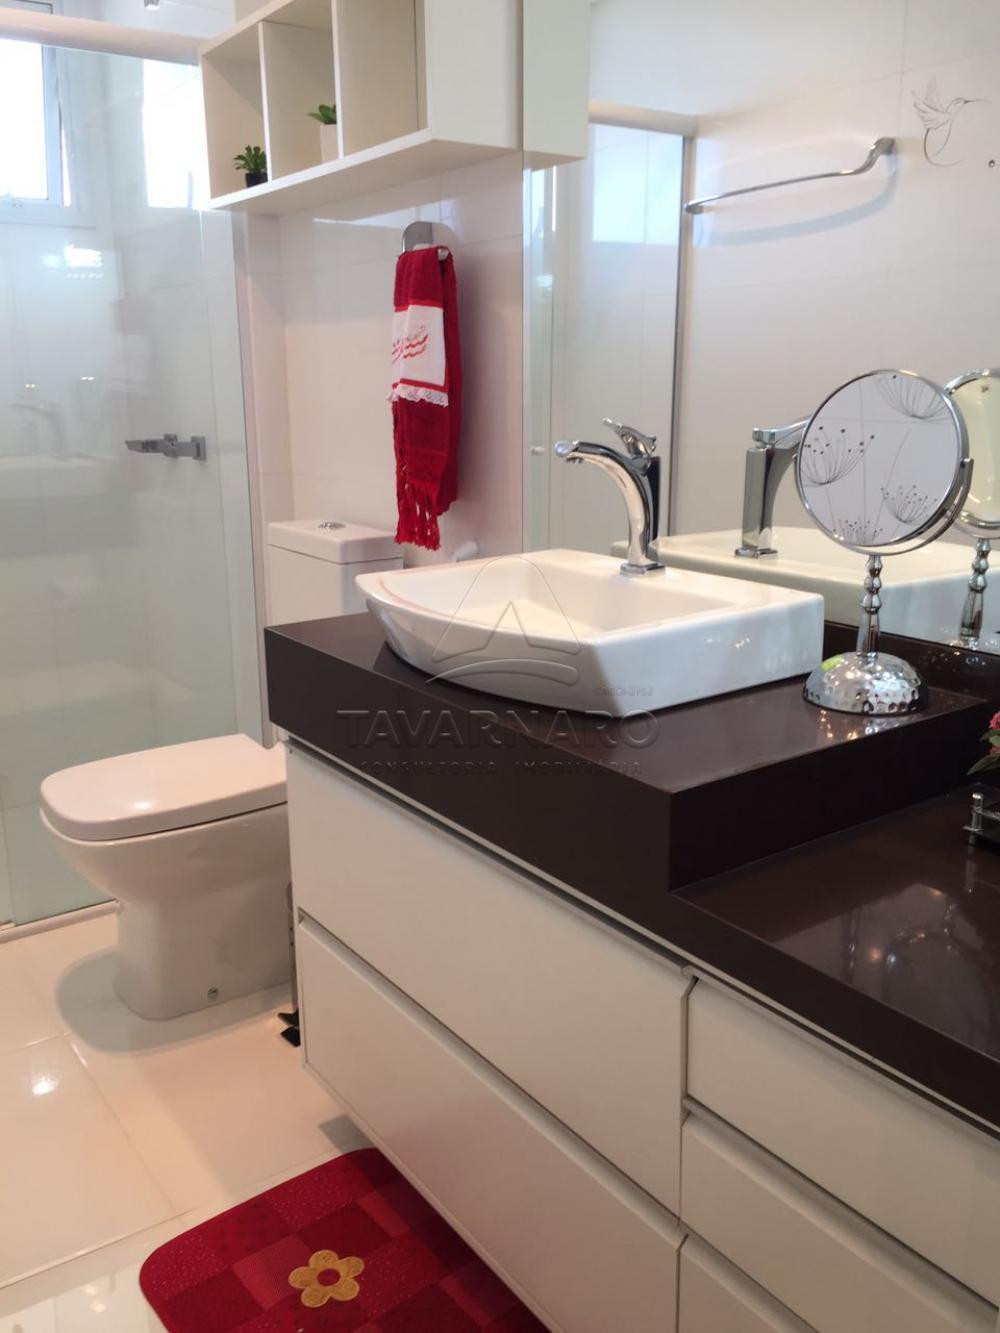 Comprar Apartamento / Padrão em Ponta Grossa apenas R$ 795.000,00 - Foto 4